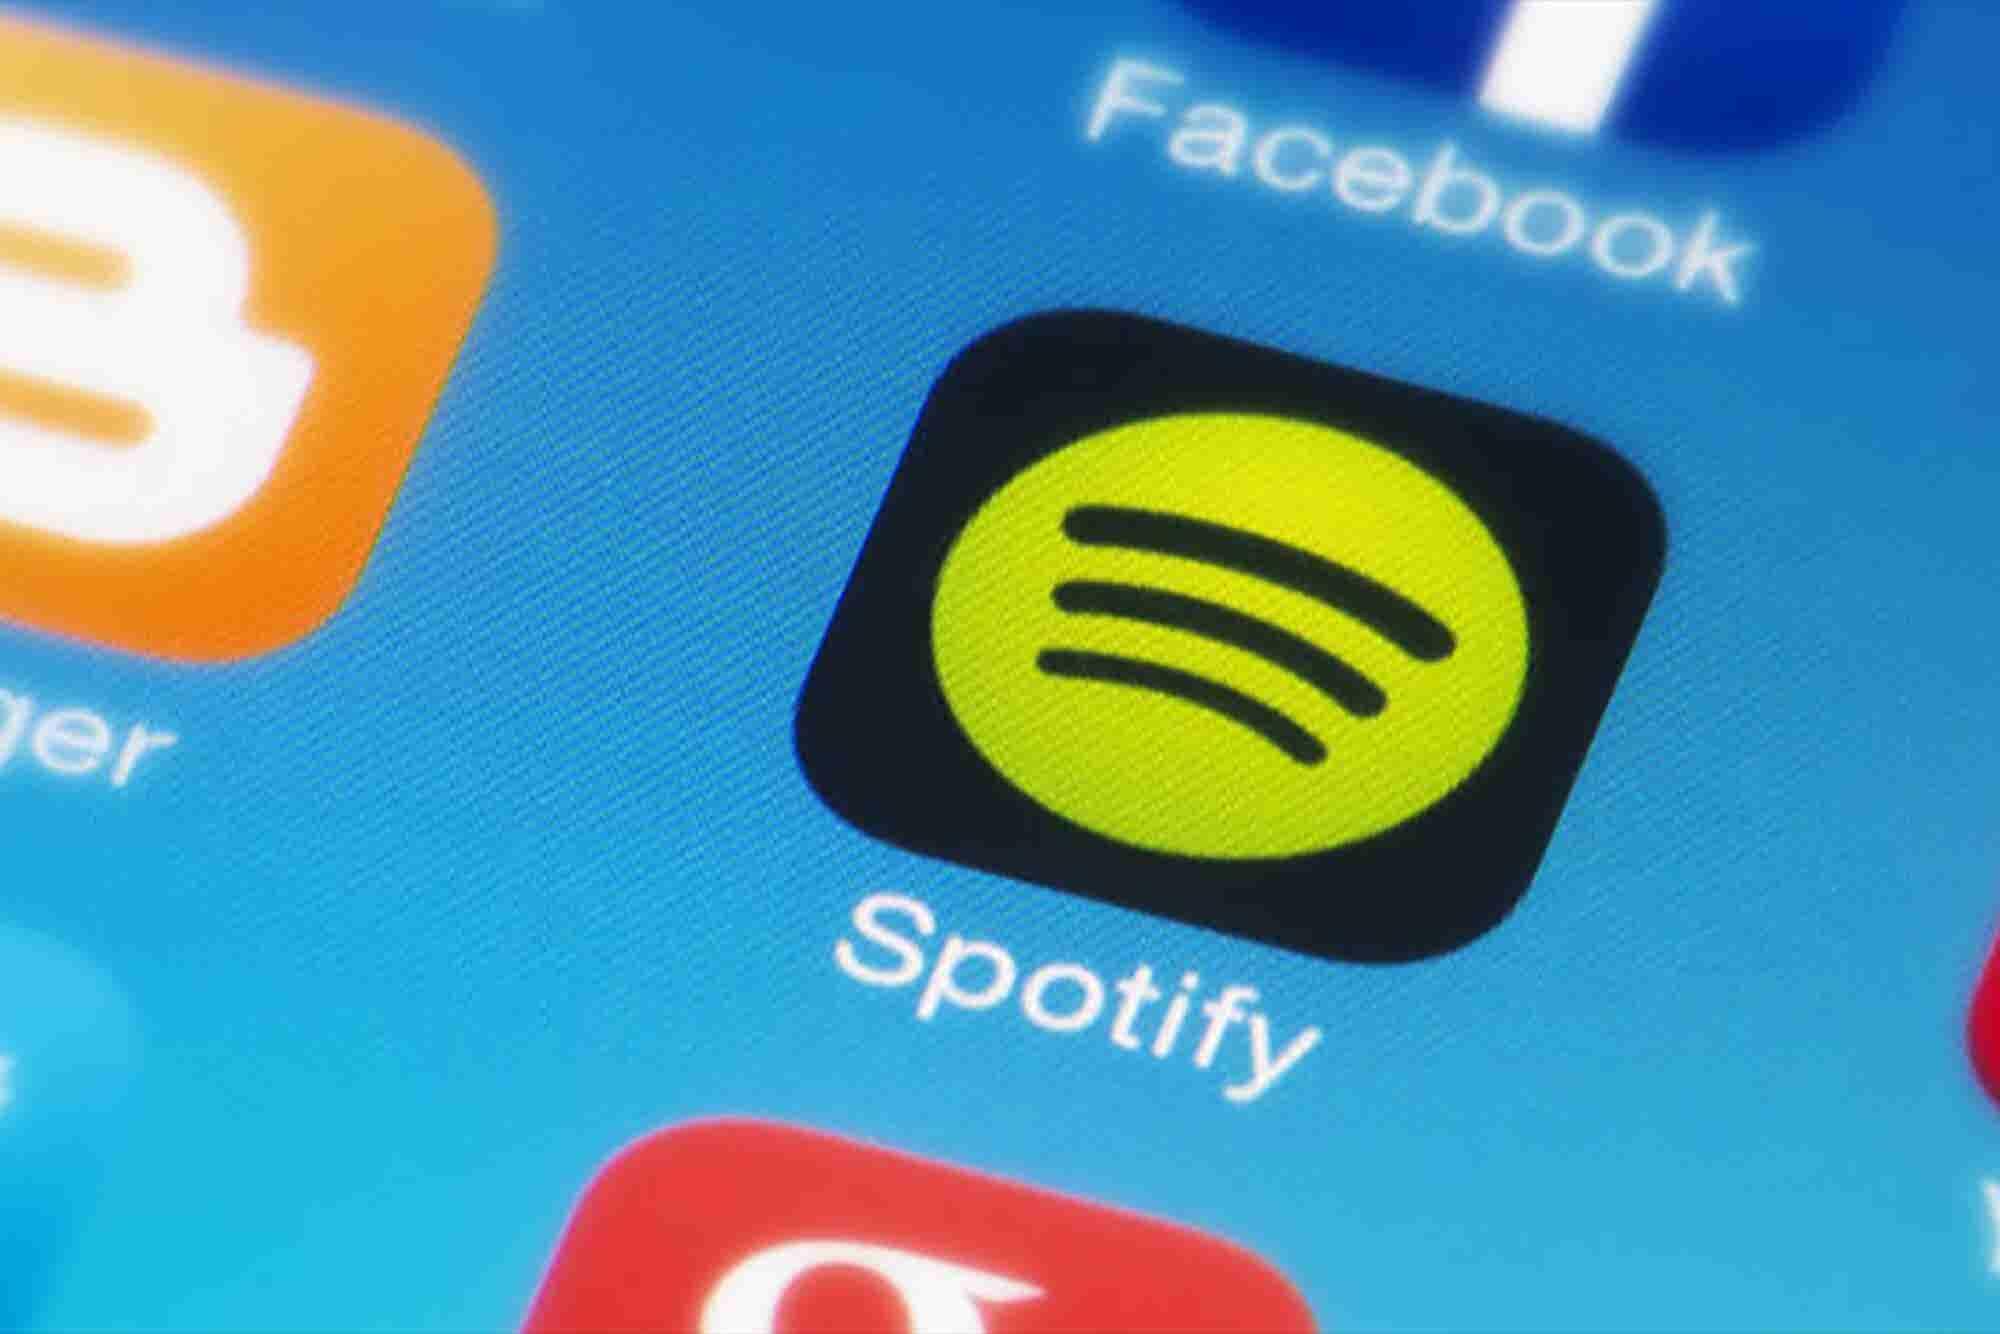 Spotify ofrecerá contenidos en video